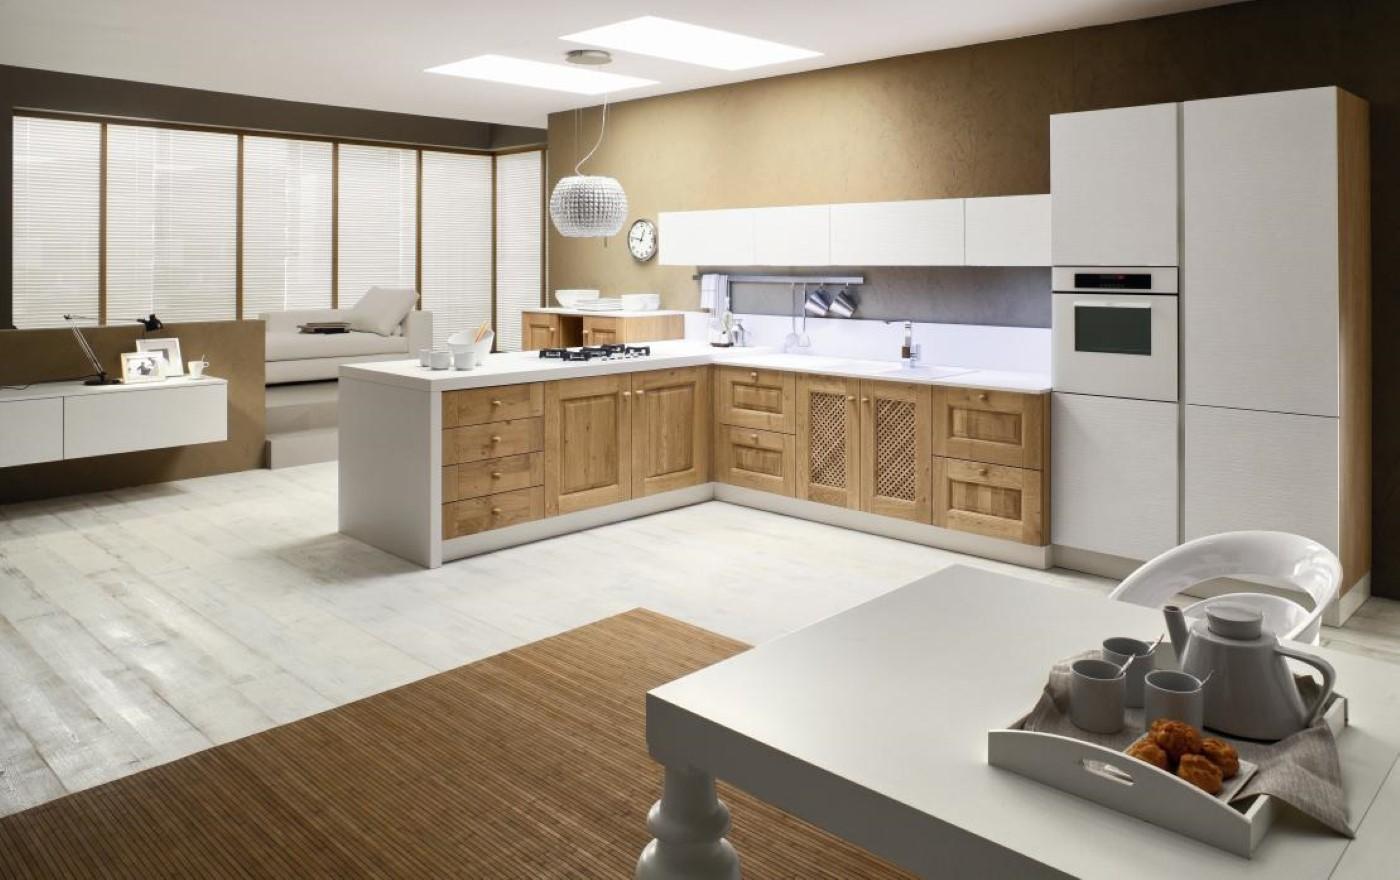 Cocinas muebles de cocina y armariadas de cocina online for Muebles de cocina online